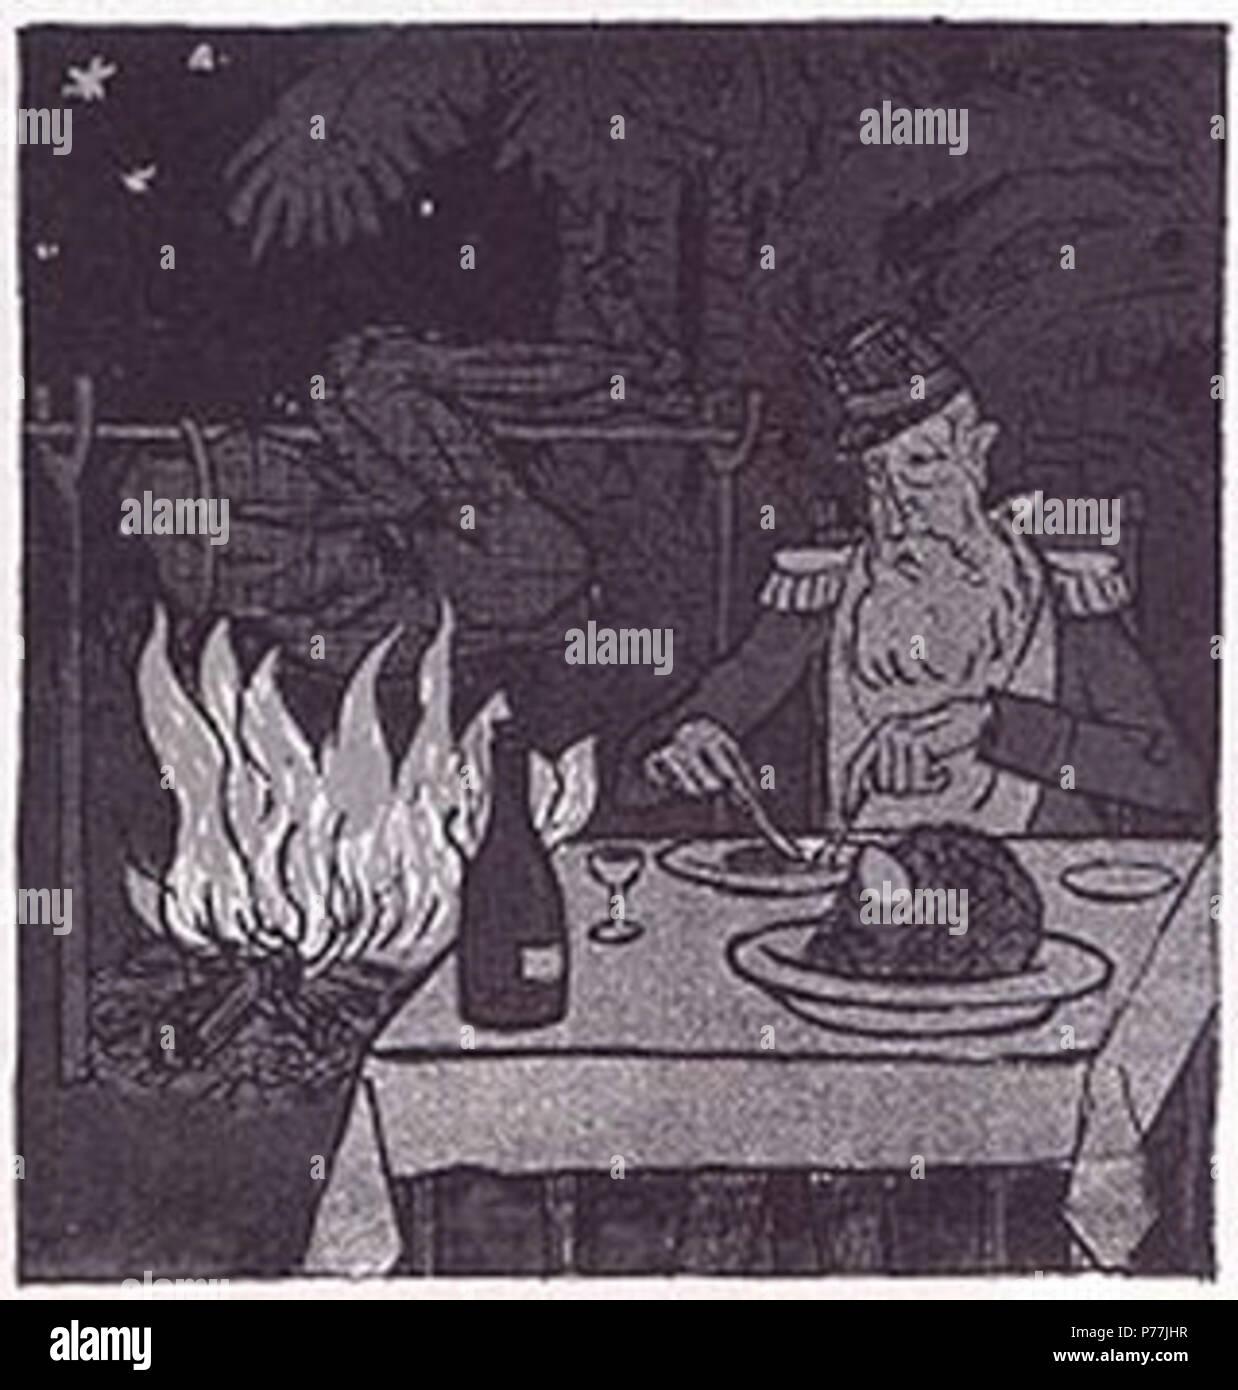 Deutsch: Vergleich der Kolonialmächte: So kolonisiert der Deutsche... der Engländer... so der Franzose... und so der Belgier, In: Simplicissimus Luxusausgabe Spezial-Nummer Kolonien 1904, Karikatur von Theodor Heine . 1904 12 So kolonisiert der Belgier Simplicissimus 1904 - Stock Image